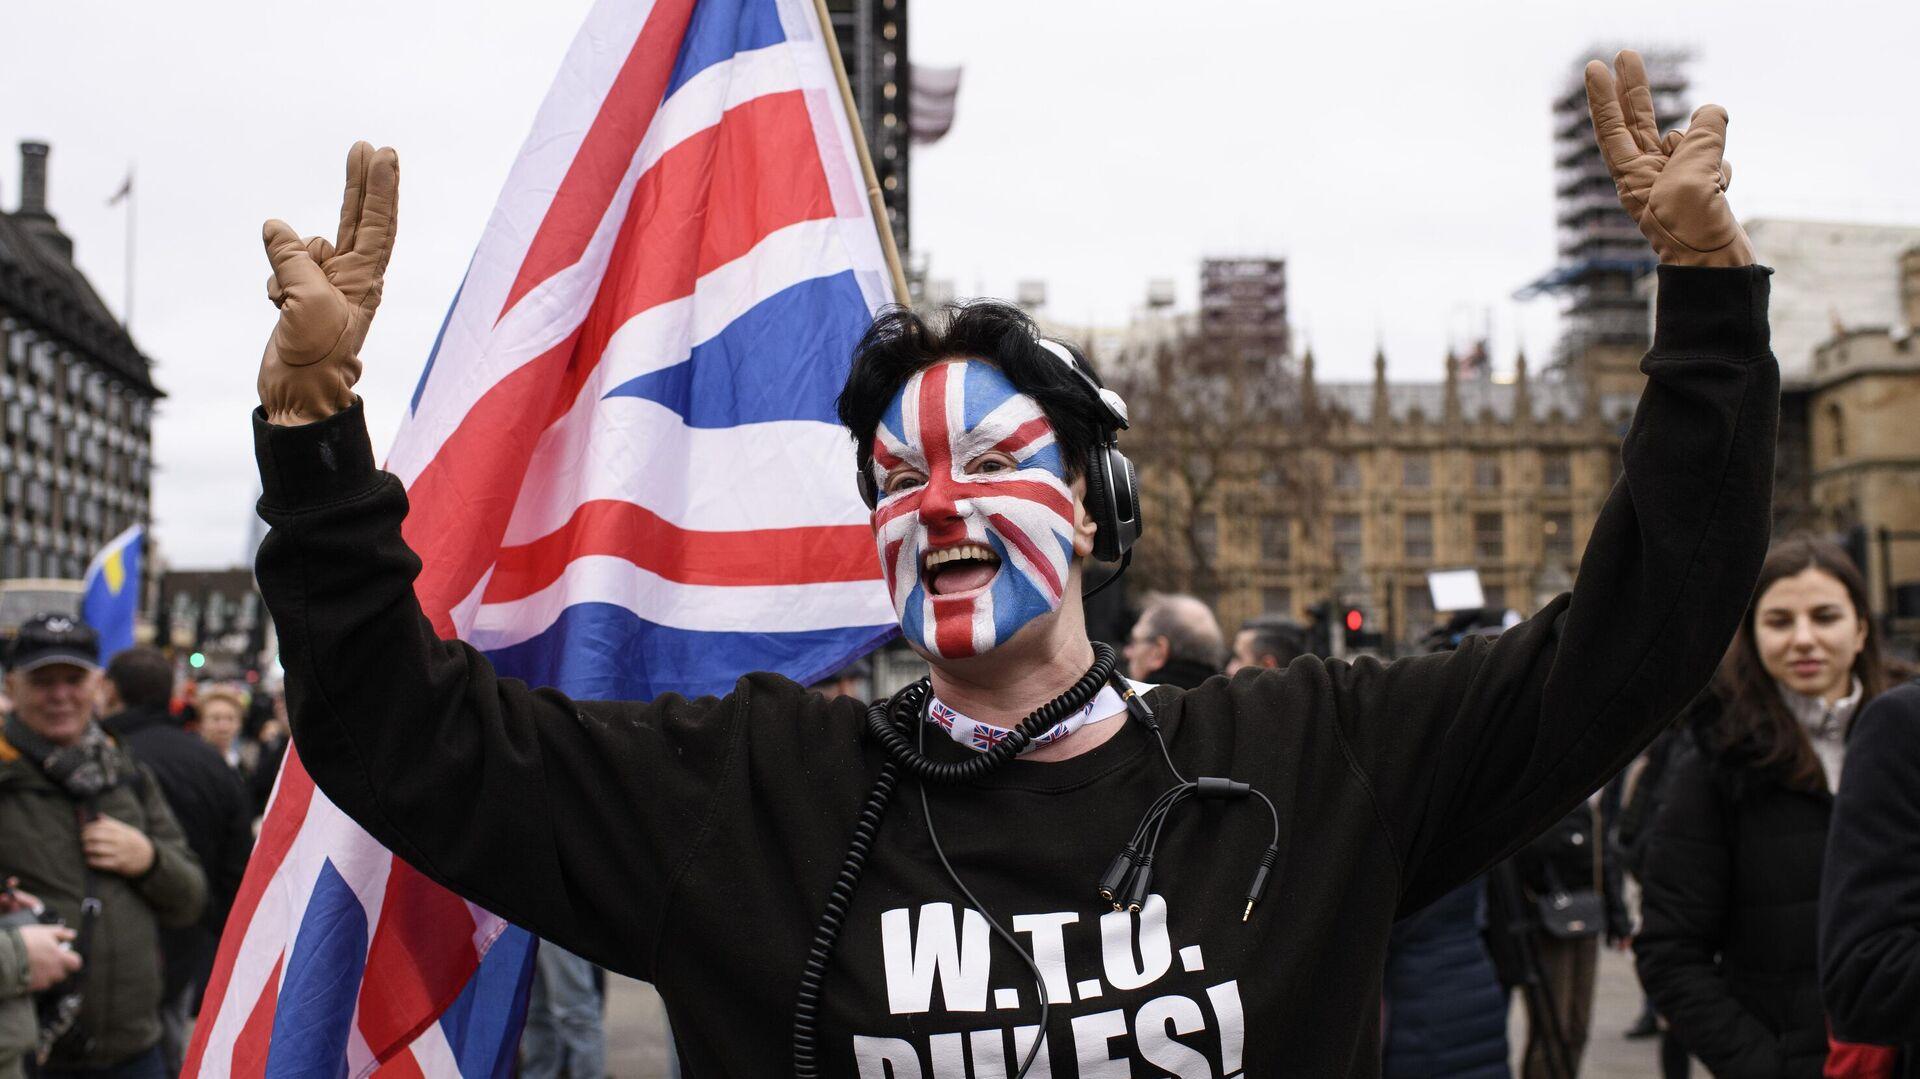 Сторонник Brexit на торжественных мероприятиях, посвященных выходу Великобритании из ЕС (Brexit Party) на площади Парламента в Лондоне - РИА Новости, 1920, 23.12.2020